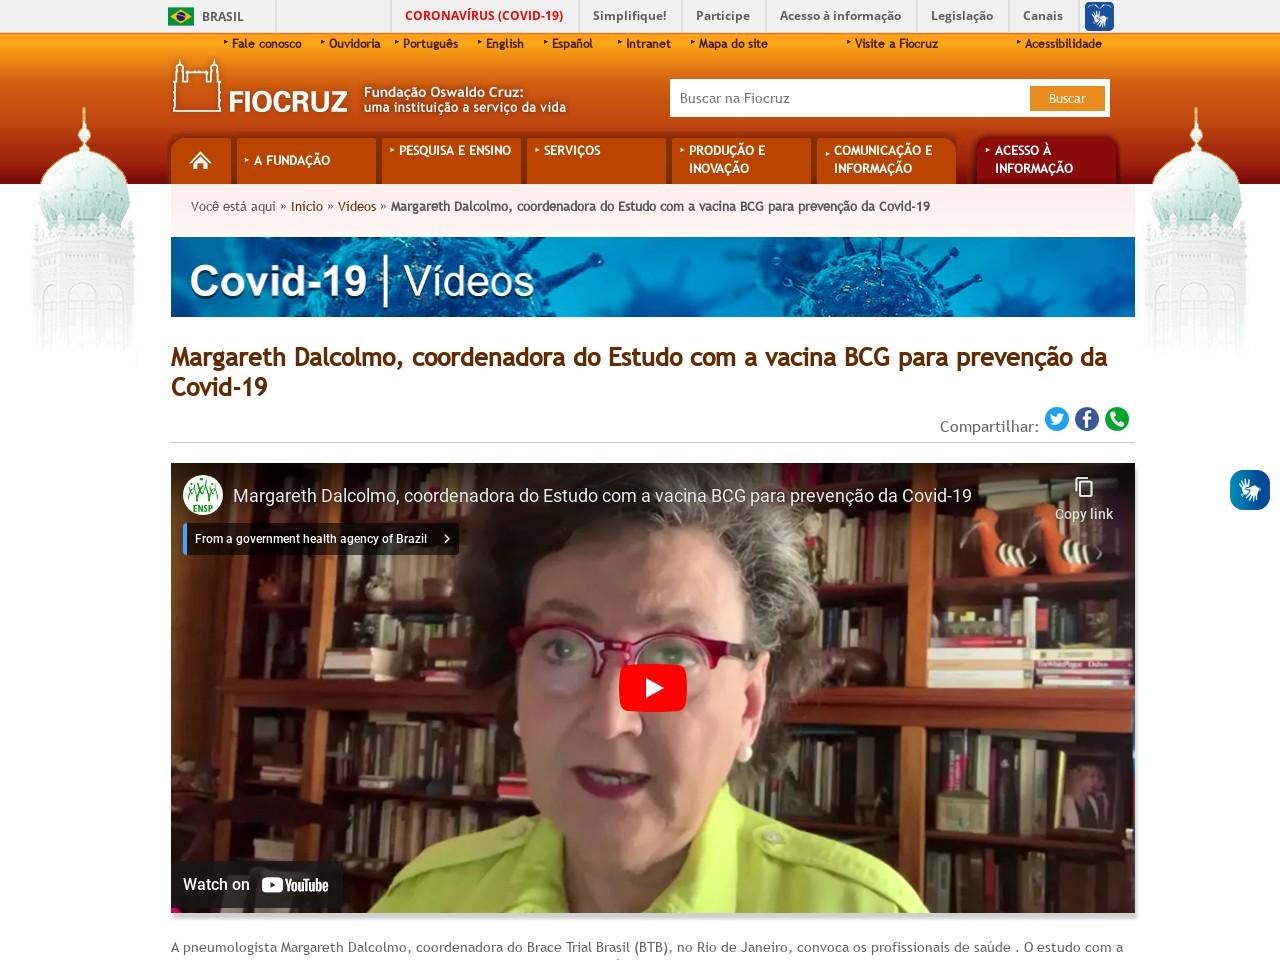 Margareth Dalcolmo, coordenadora do Estudo com a vacina BCG para prevenção da Covid-19